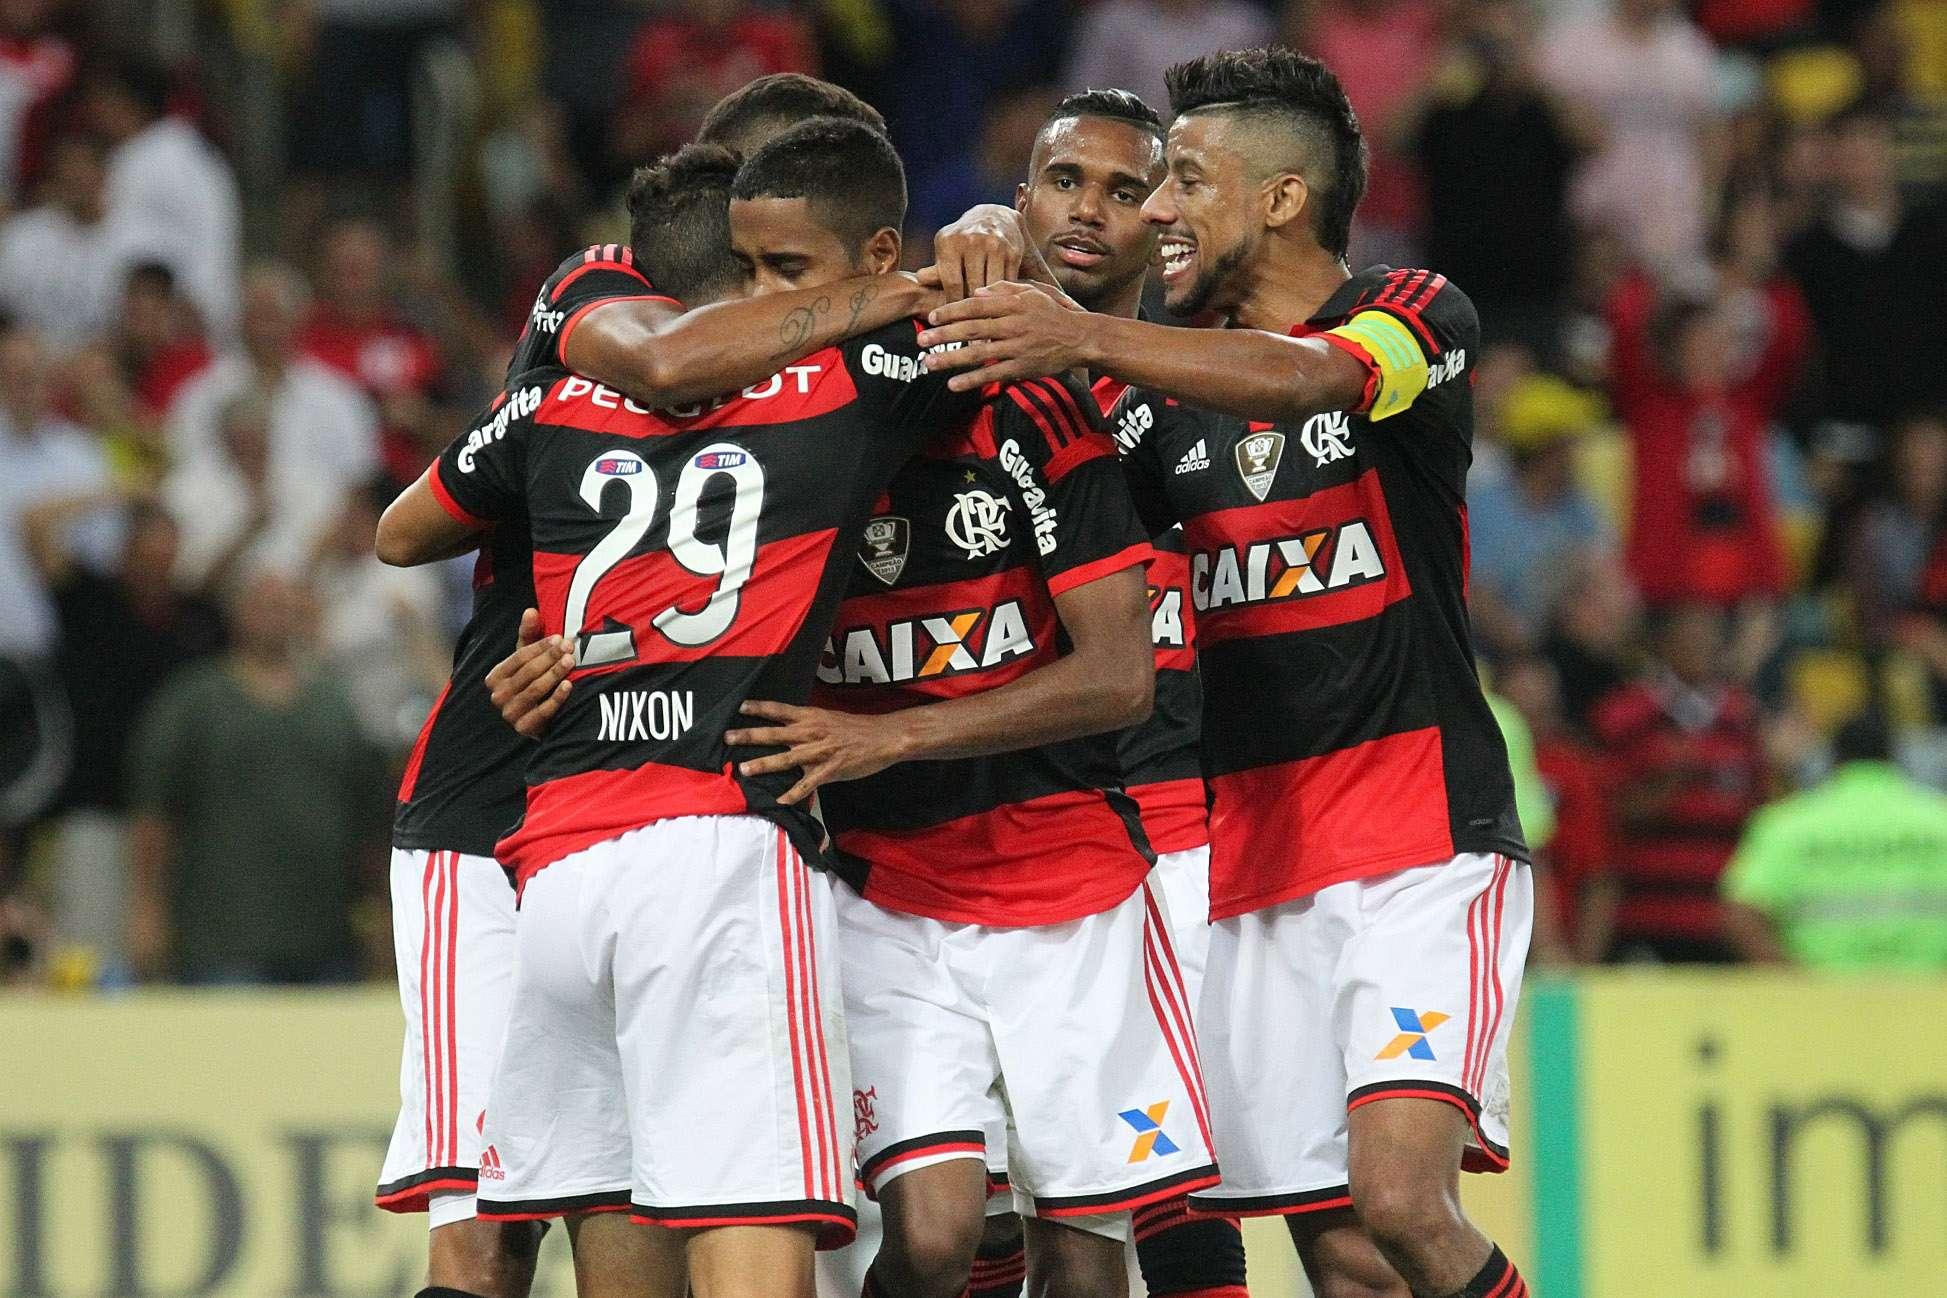 Jogadores comemoram mais uma vitória do Flamengo na Série A Foto: Gilvan de Souza/Flamengo/Divulgação